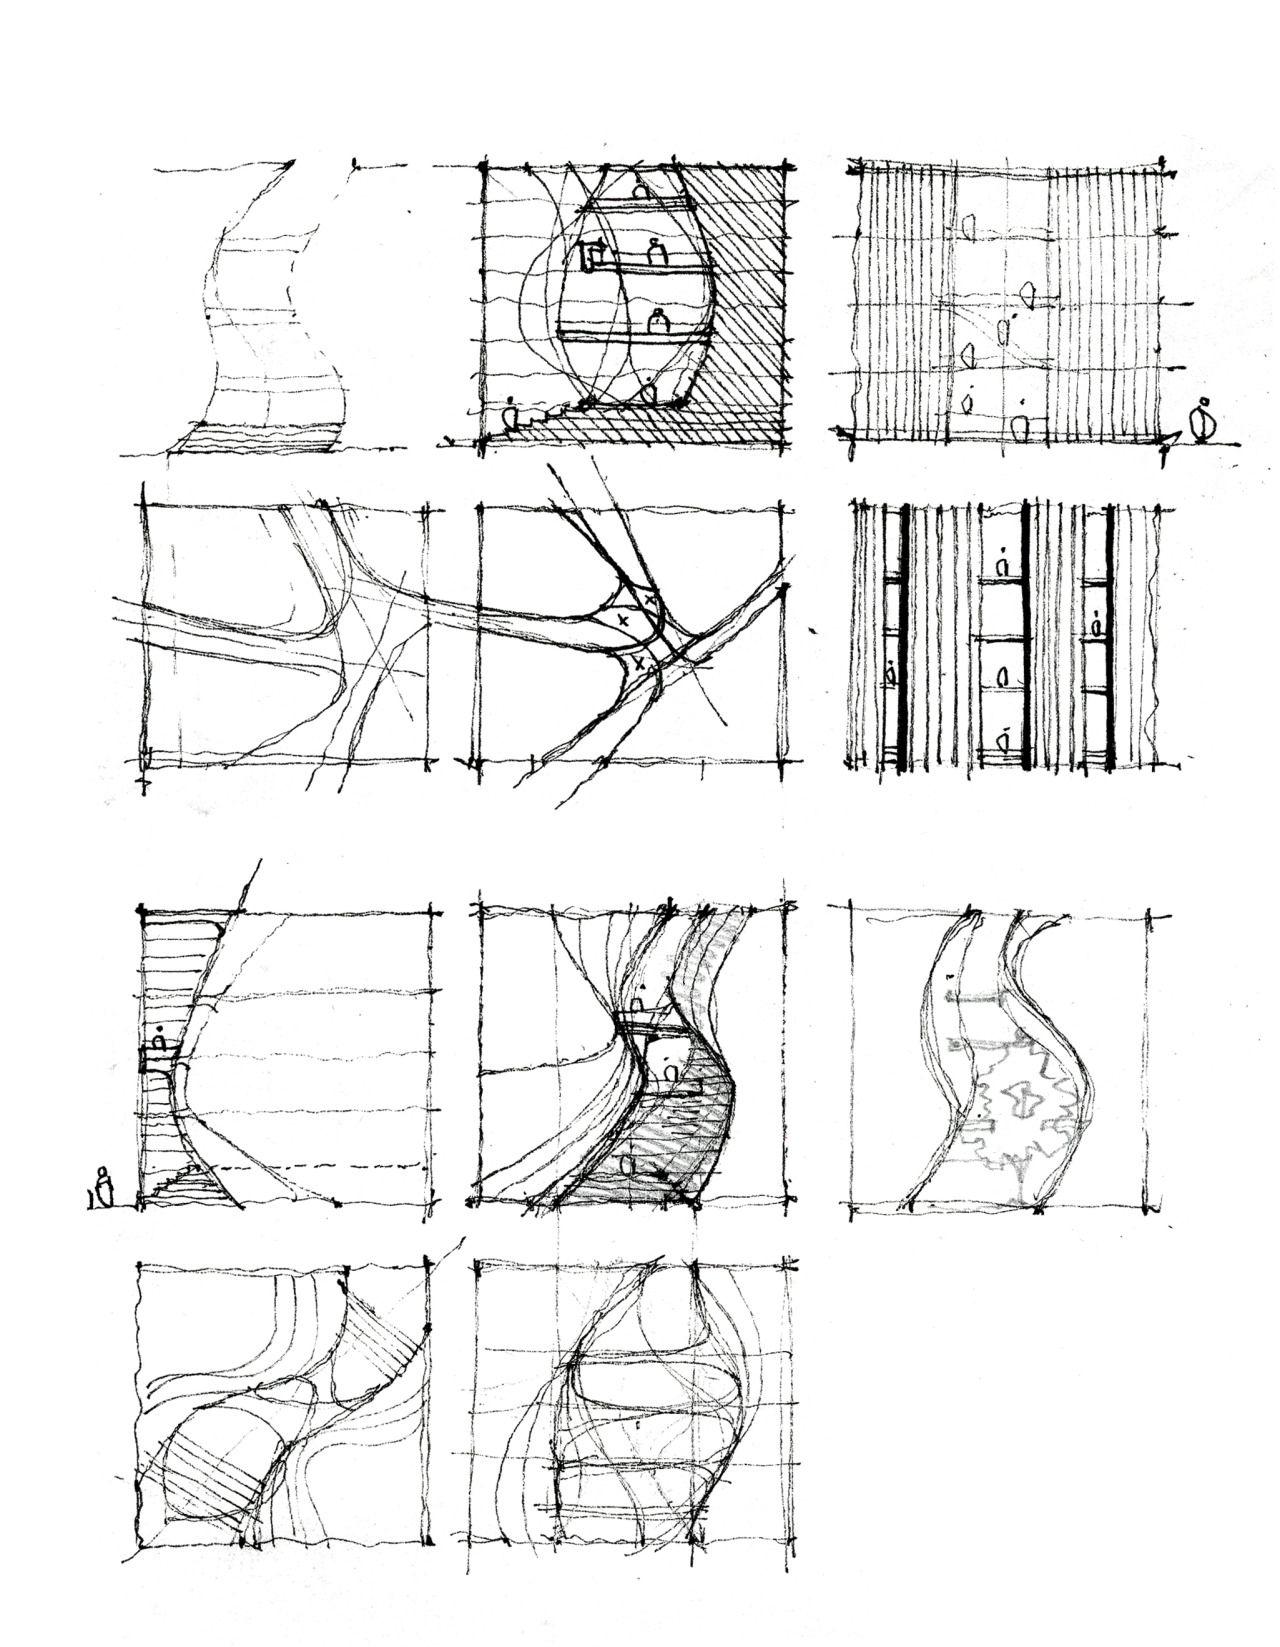 Khoa Vu S Sketches Photo